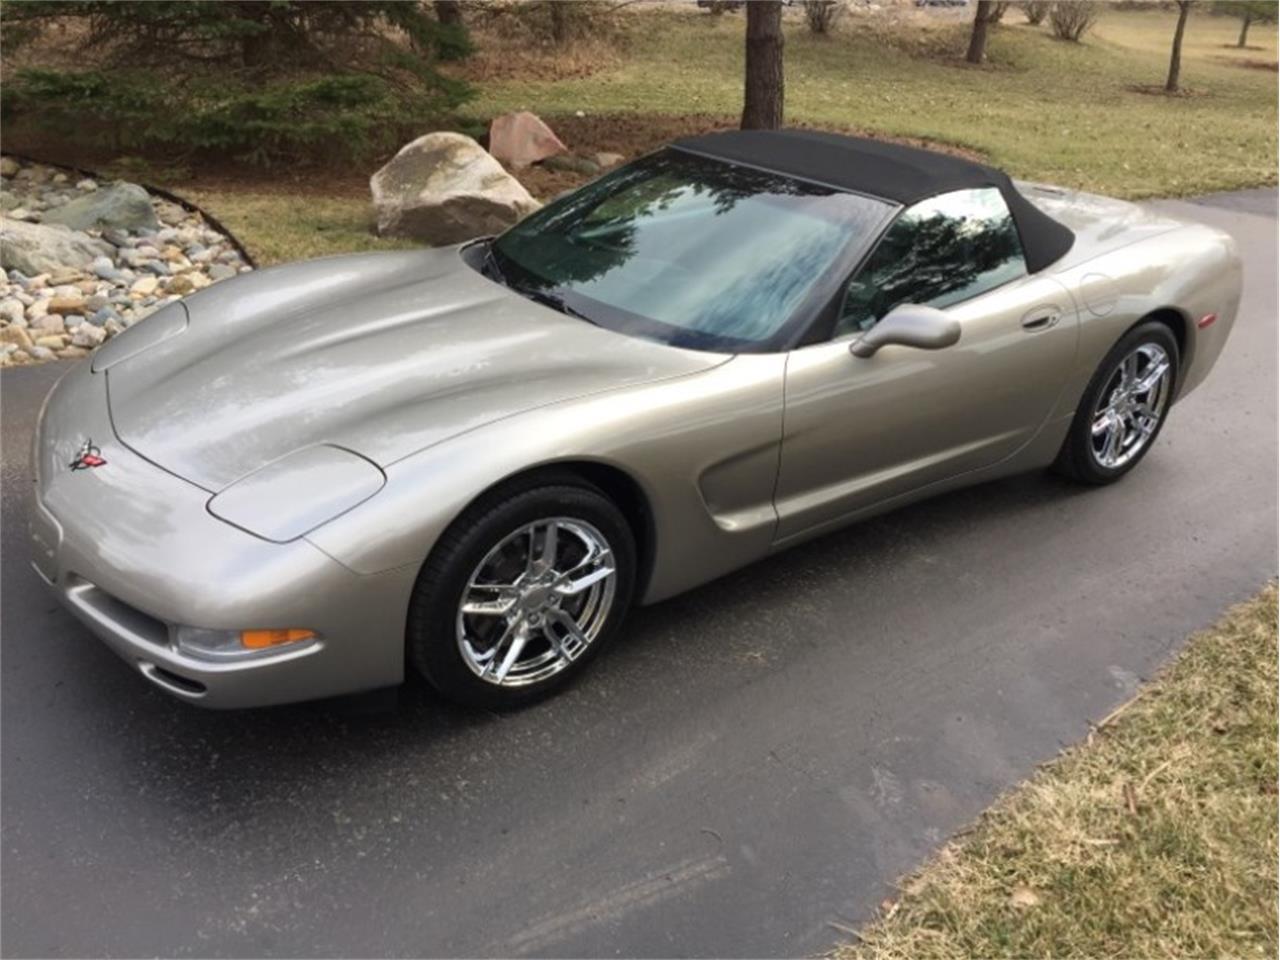 1999 Corvette For Sale >> For Sale 1999 Chevrolet Corvette In Holt Michigan